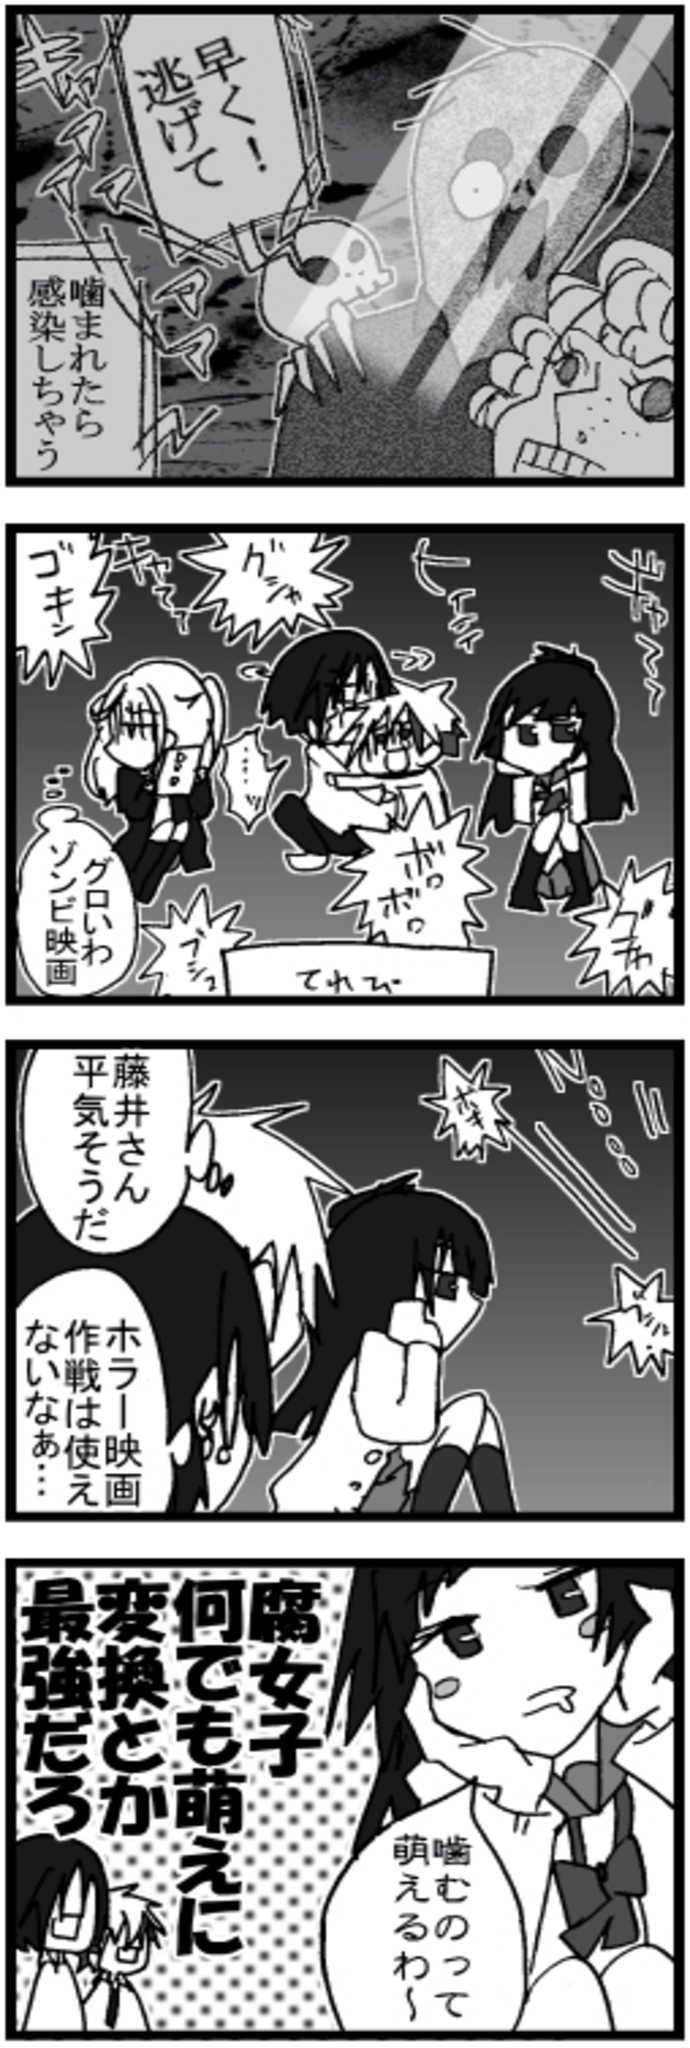 オマケ漫画「ホラー」